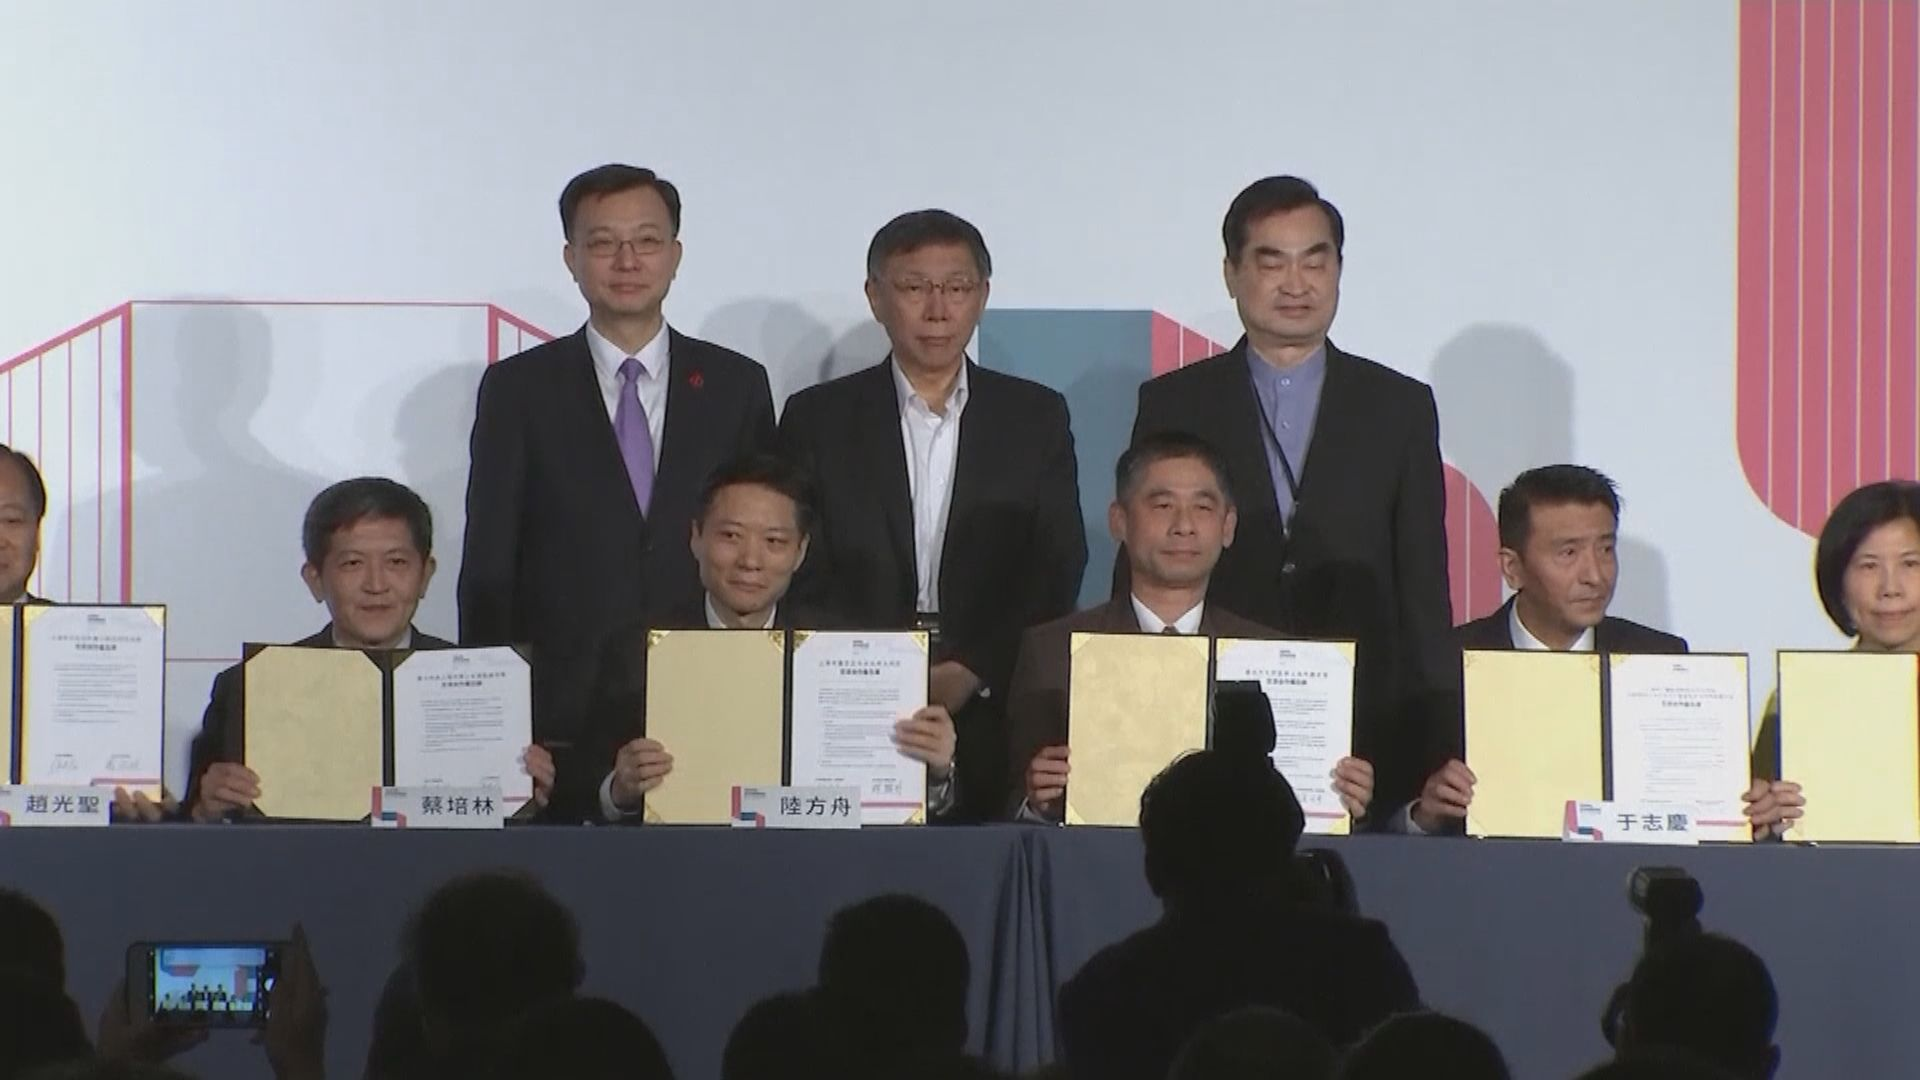 台北上海雙城論壇舉行 雙方簽署合作備忘錄